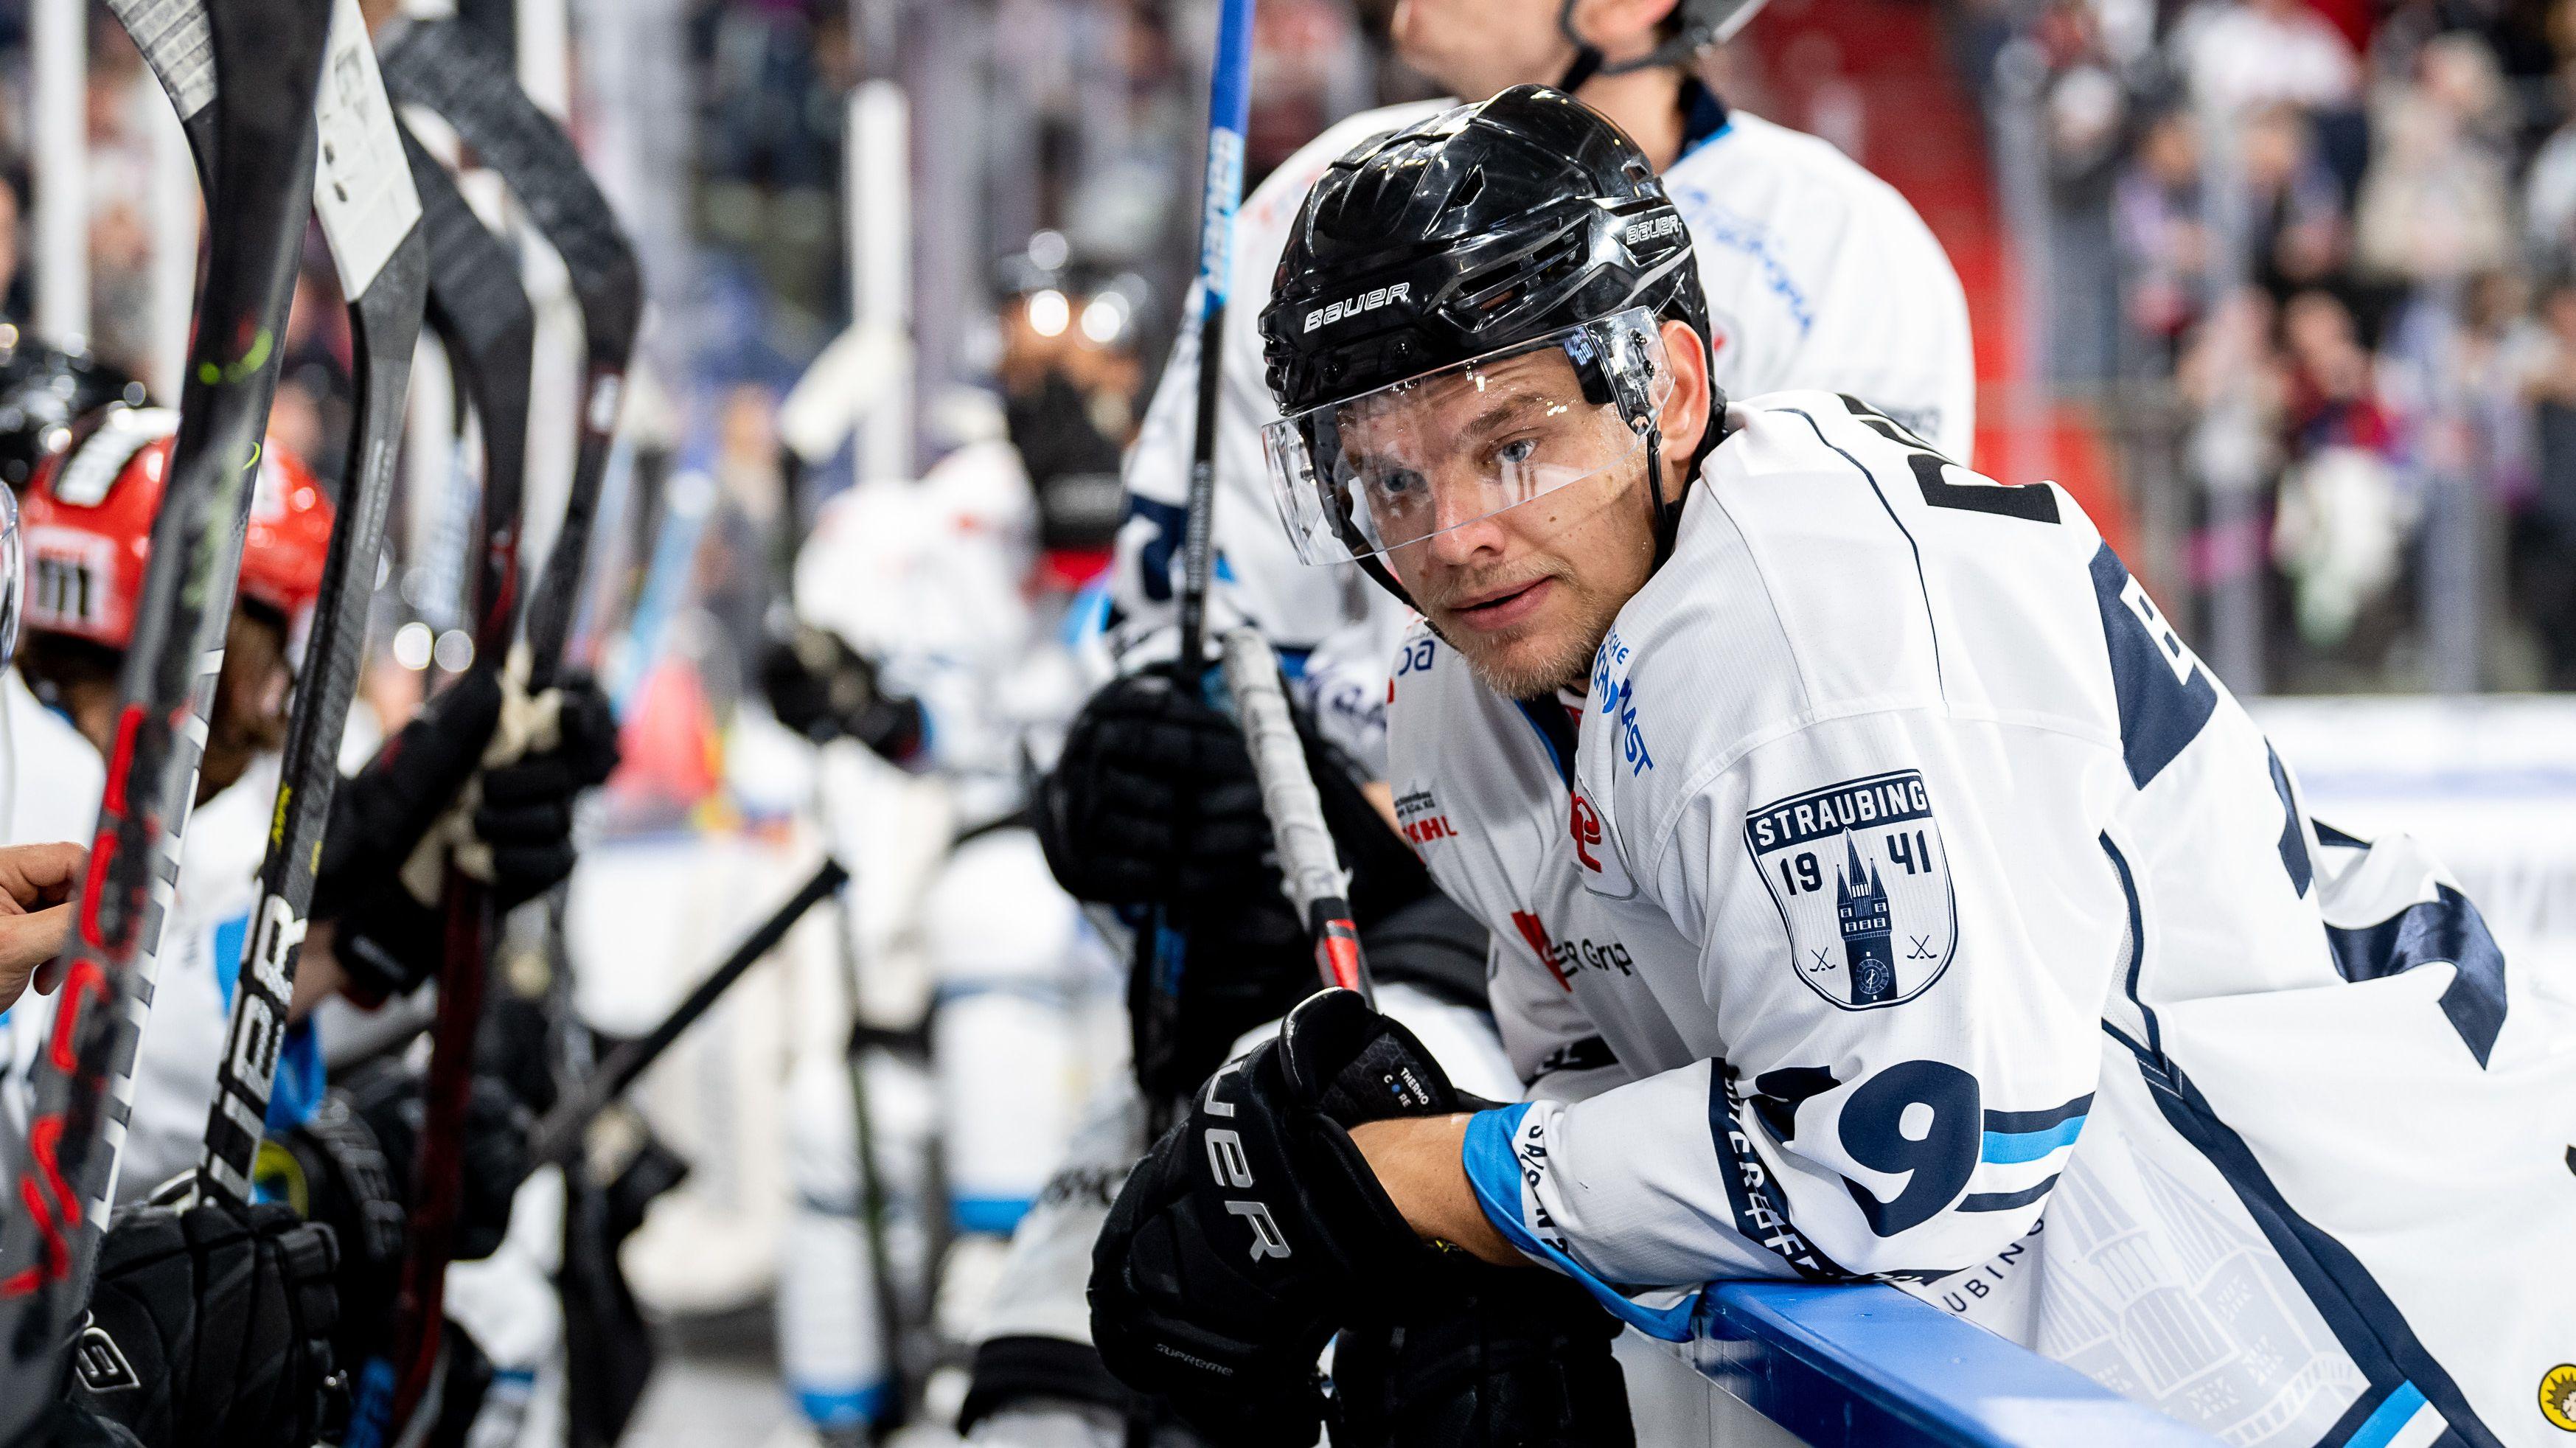 Der Straubinger Eishockeyspieler Tim Brunnhuber